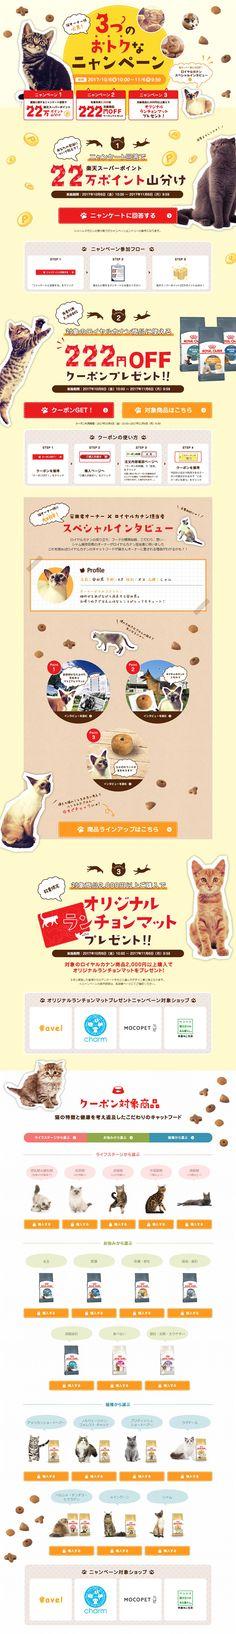 楽天株式会社様の「3つのおトクなニャンペーン」のランディングページ(LP)かわいい系|ペット・花・DIY工具